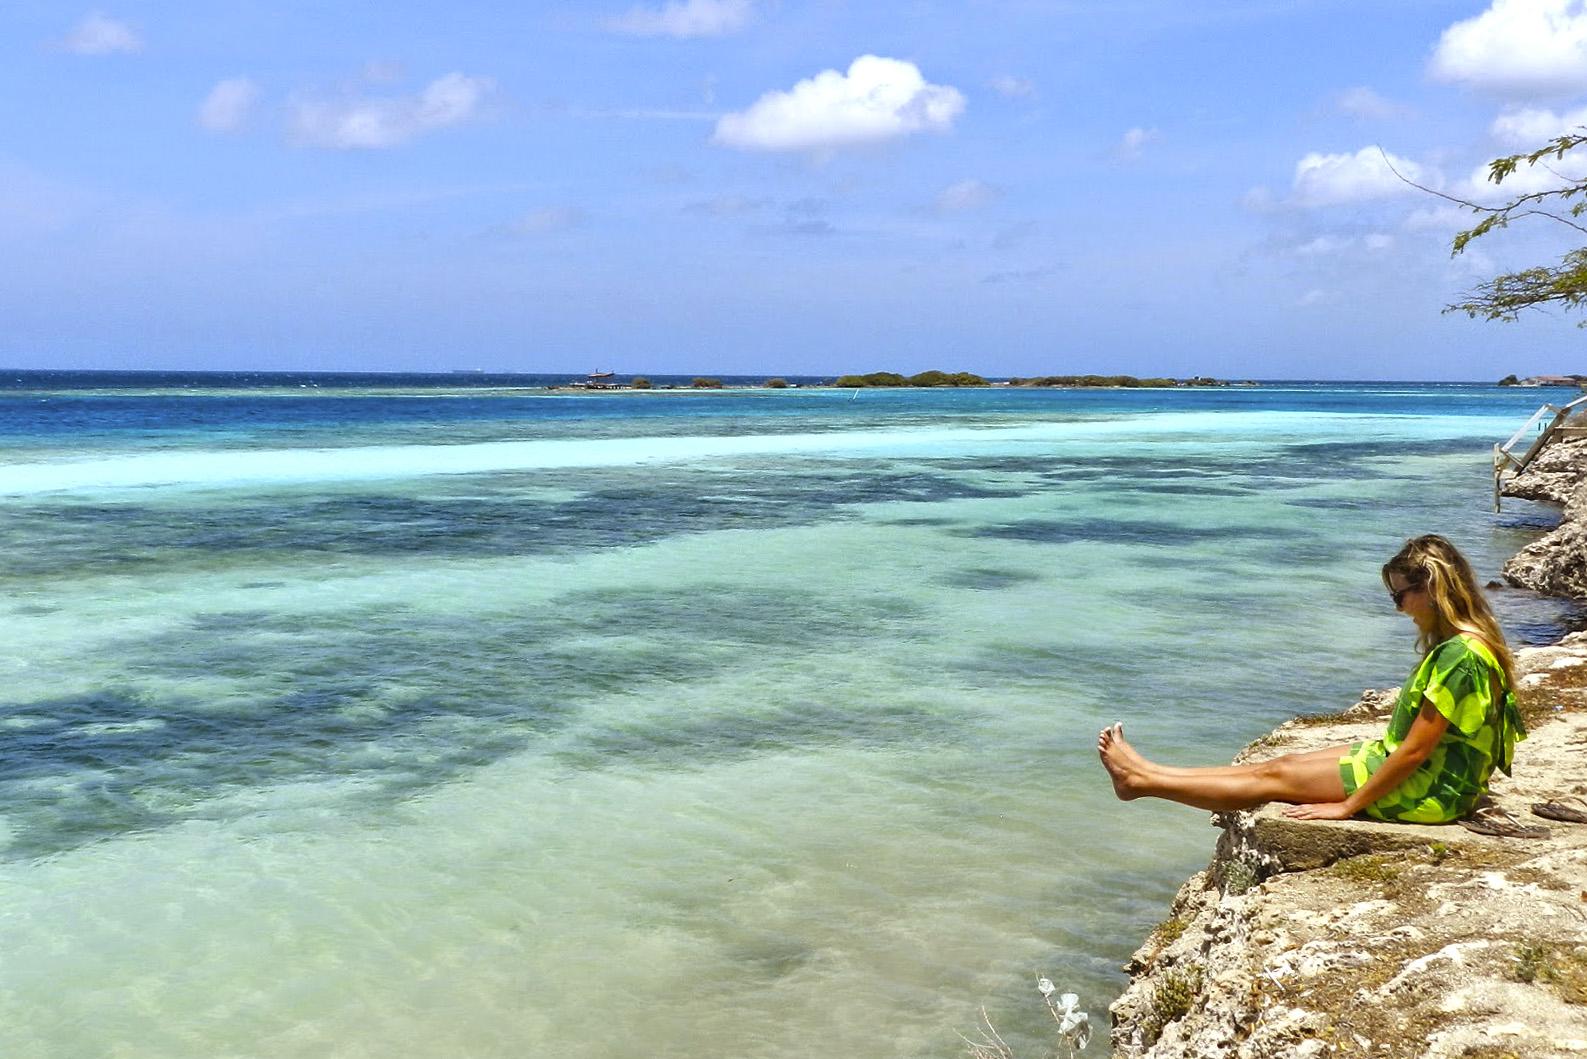 destinos no caribe fora da zona de furacões - aruba